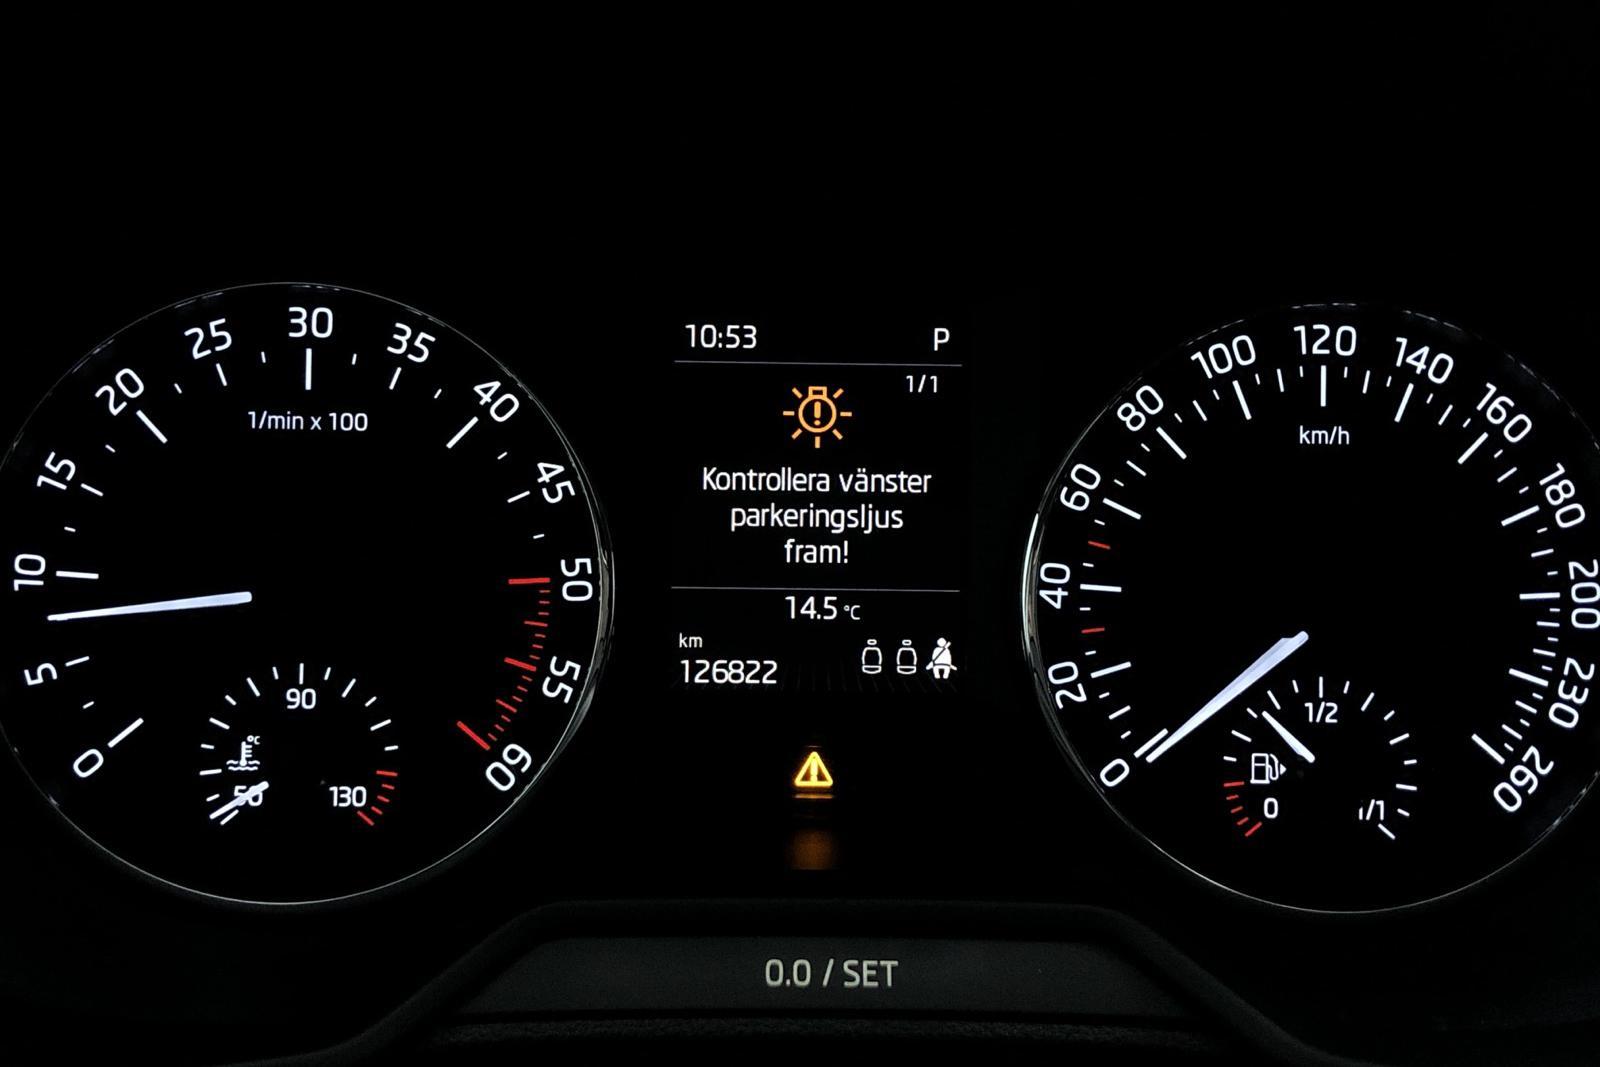 Skoda Octavia III 1.6 TDI GreenLine CR Combi (110hk) - 9 893 mil - Automat - vit - 2017